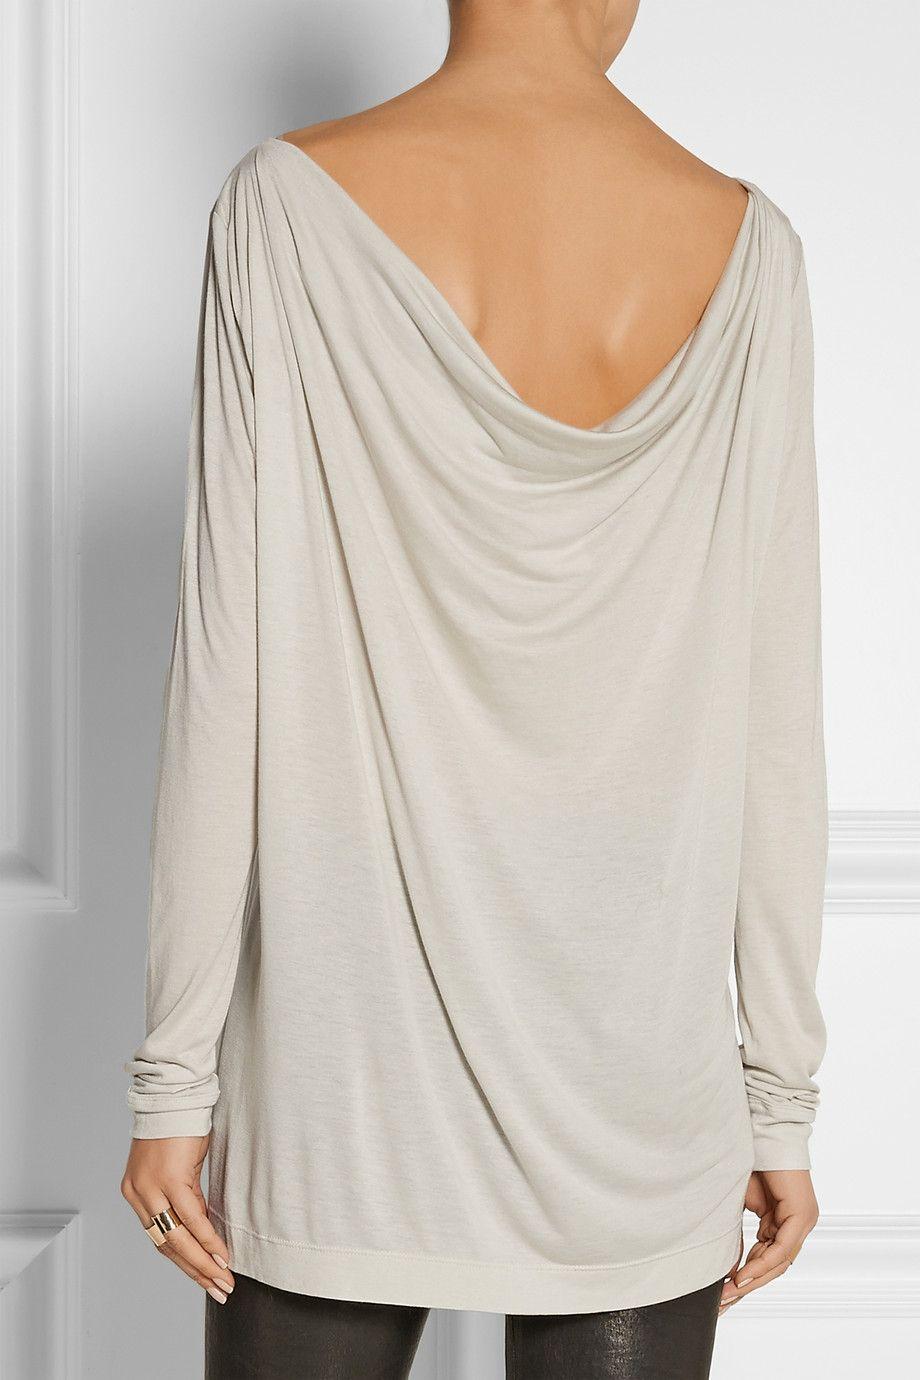 Donna Karan|Draped modal-blend jersey top|NET-A-PORTER.COM